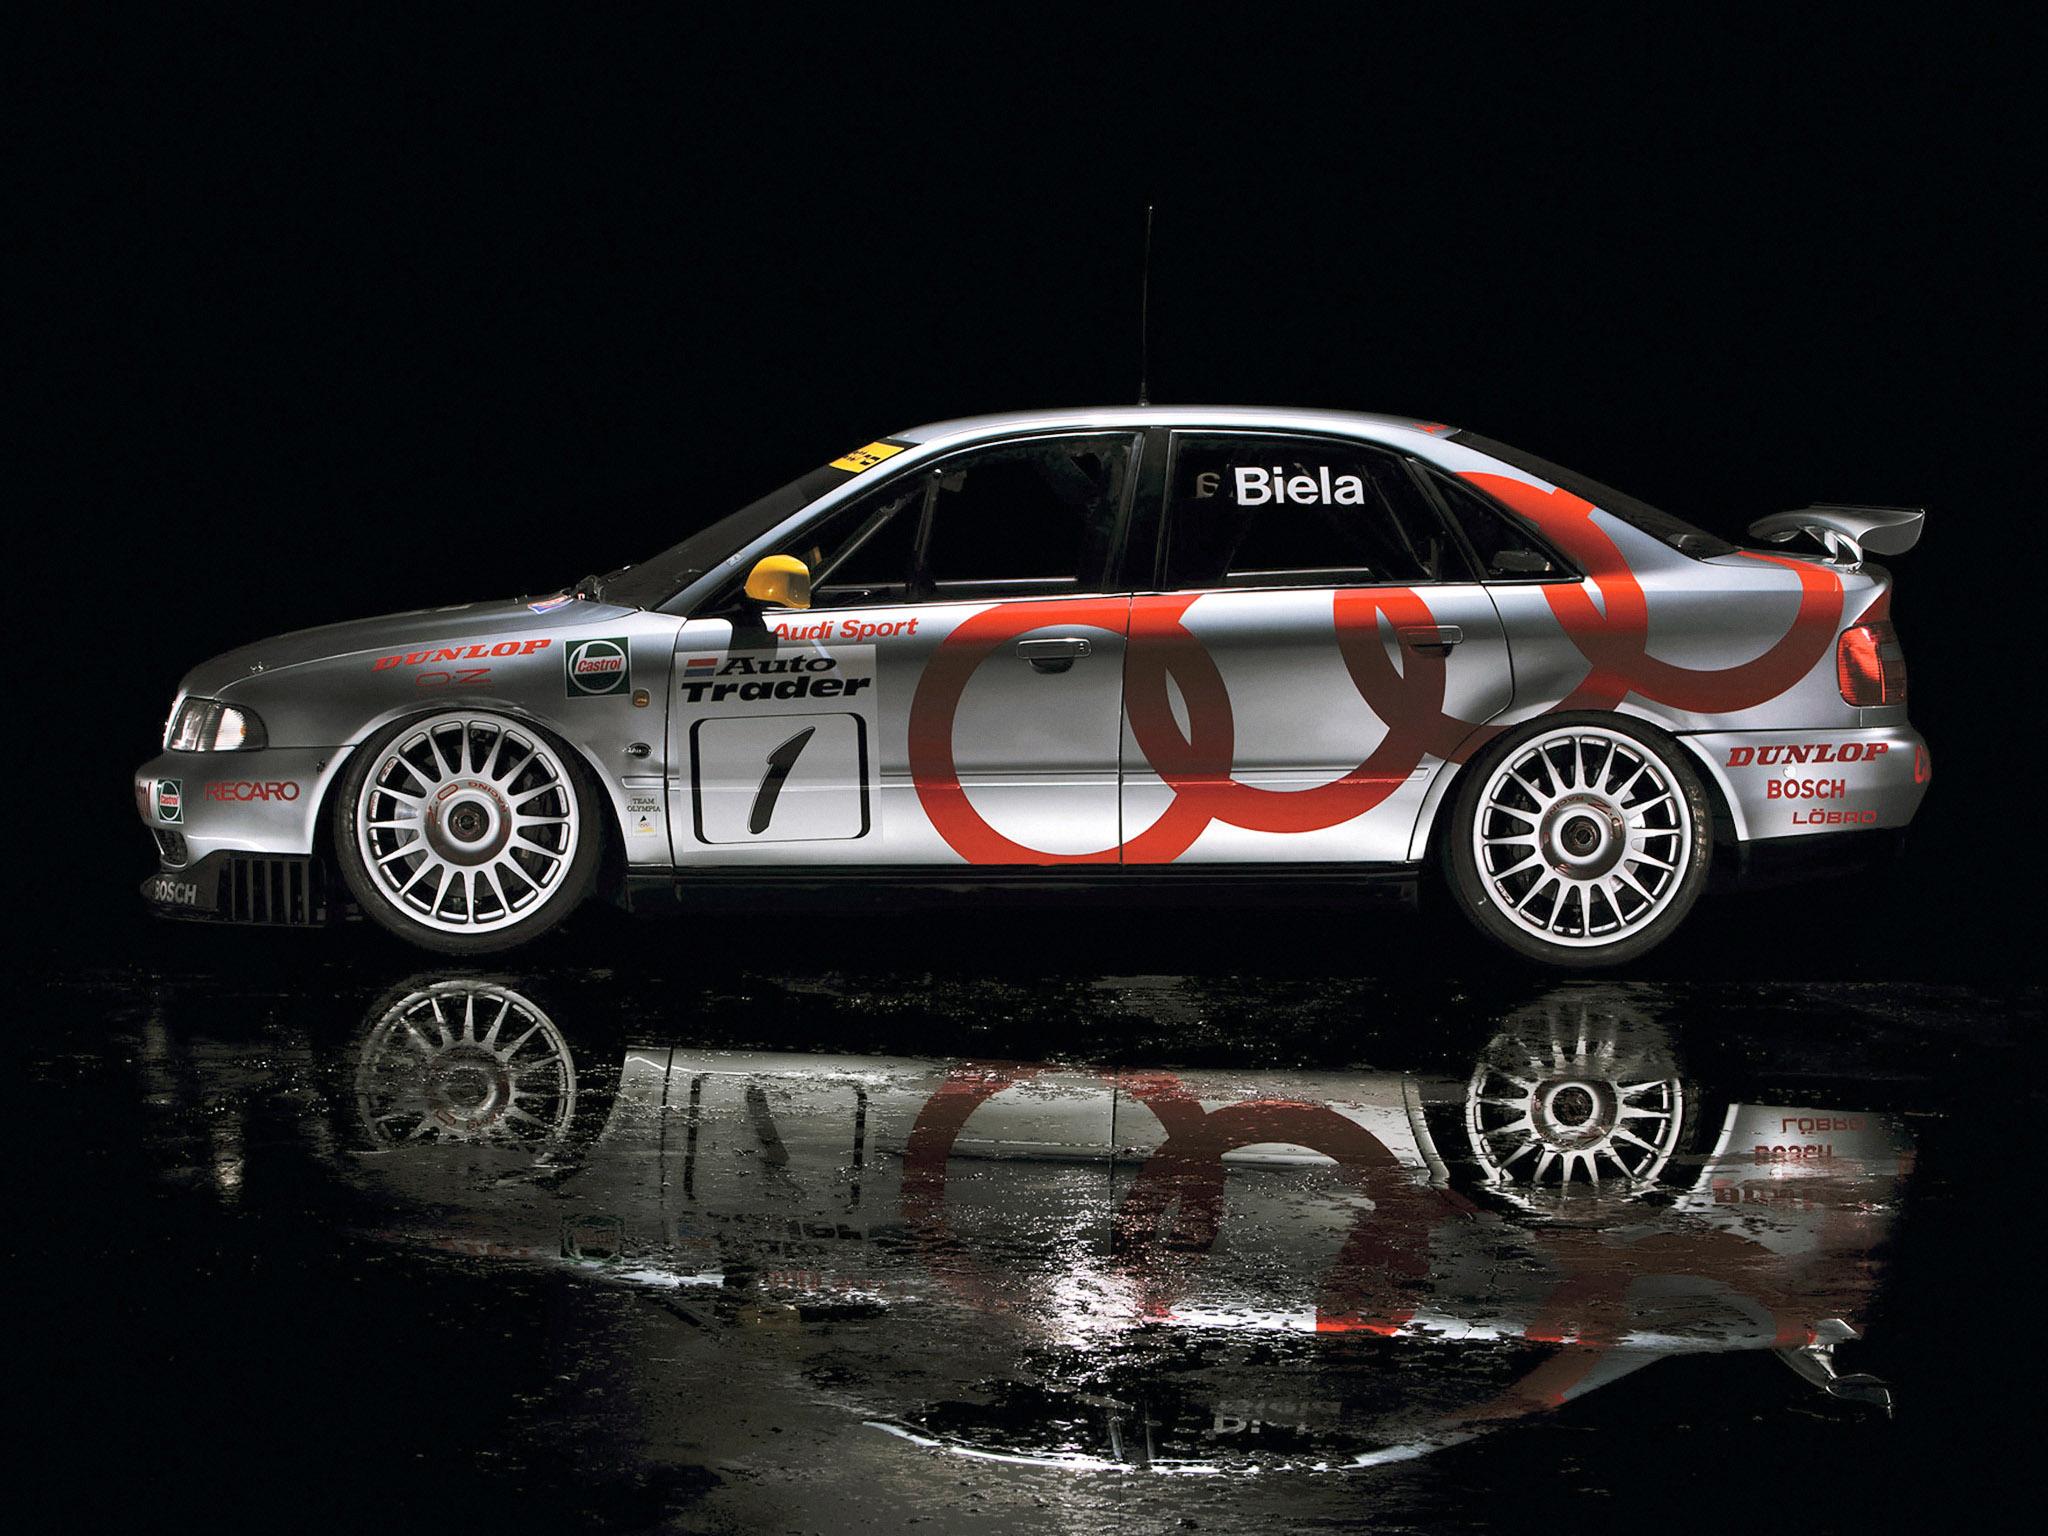 1996 Audi A4 Quattro Btcc Race Racing A 4 F Wallpaper